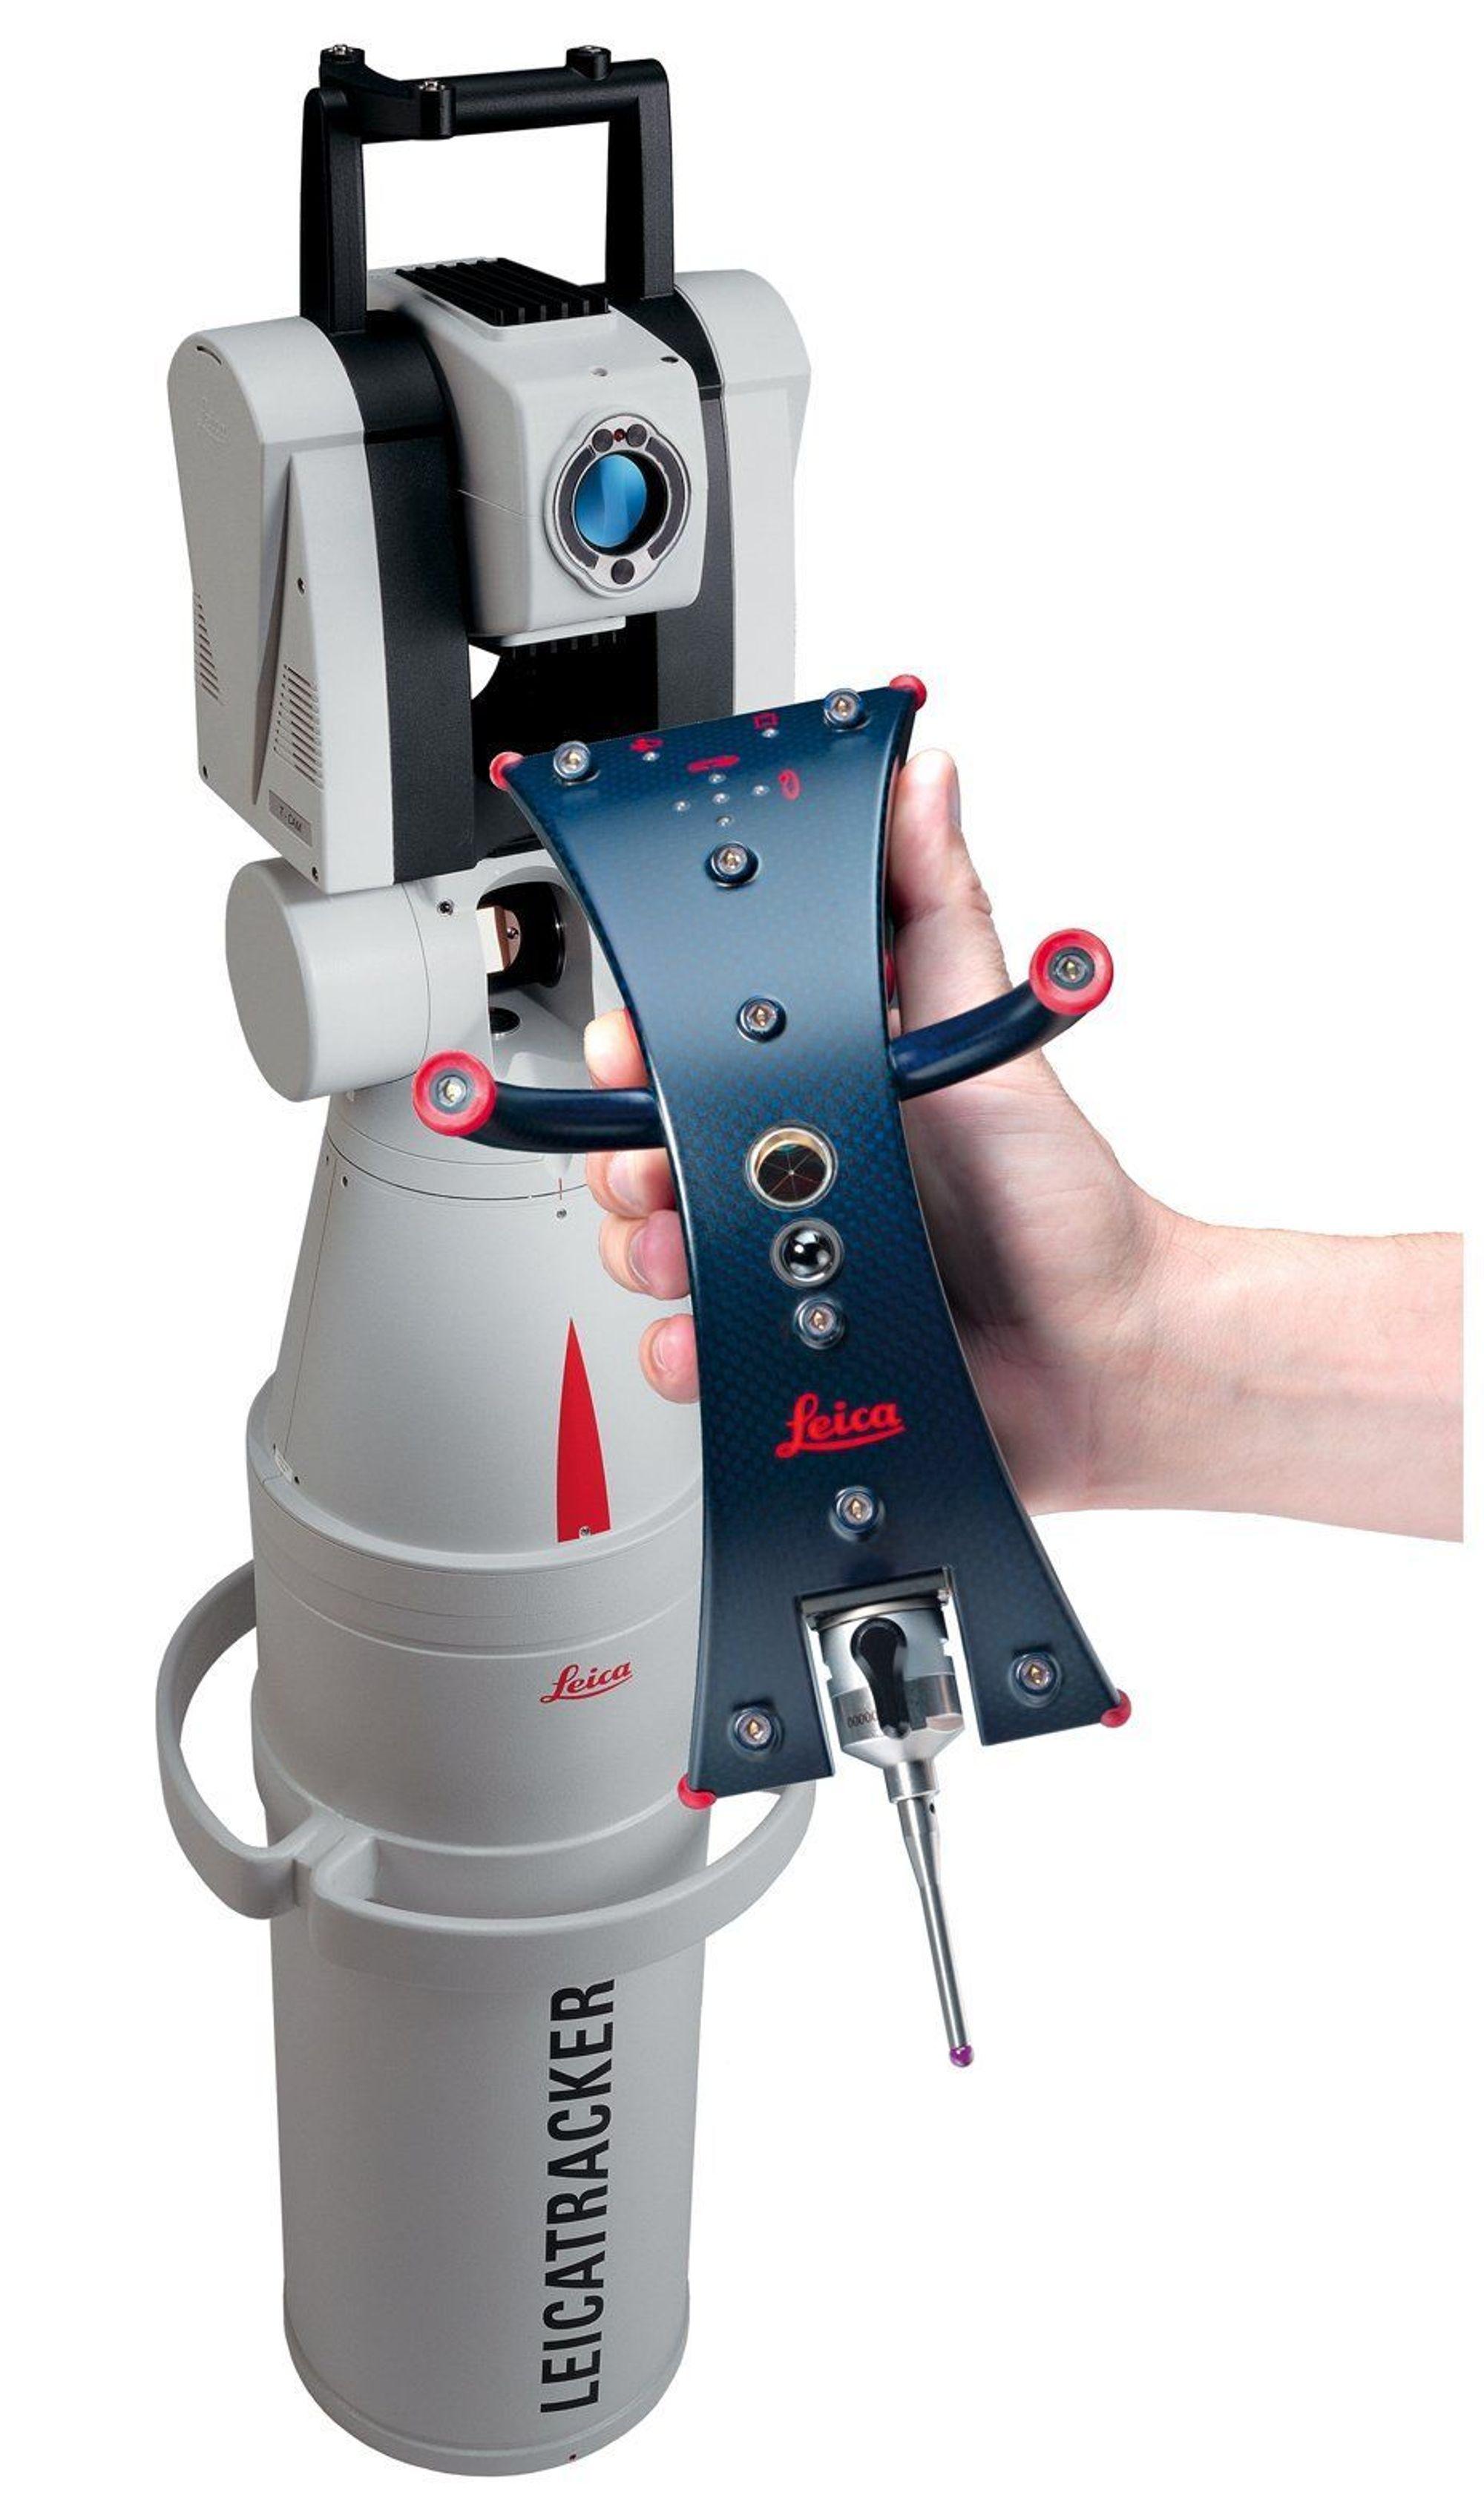 INNOVATIV: Det nye laser og diodebaserte målesystemet til Leica setter en ny standard for industriell måleteknikk.